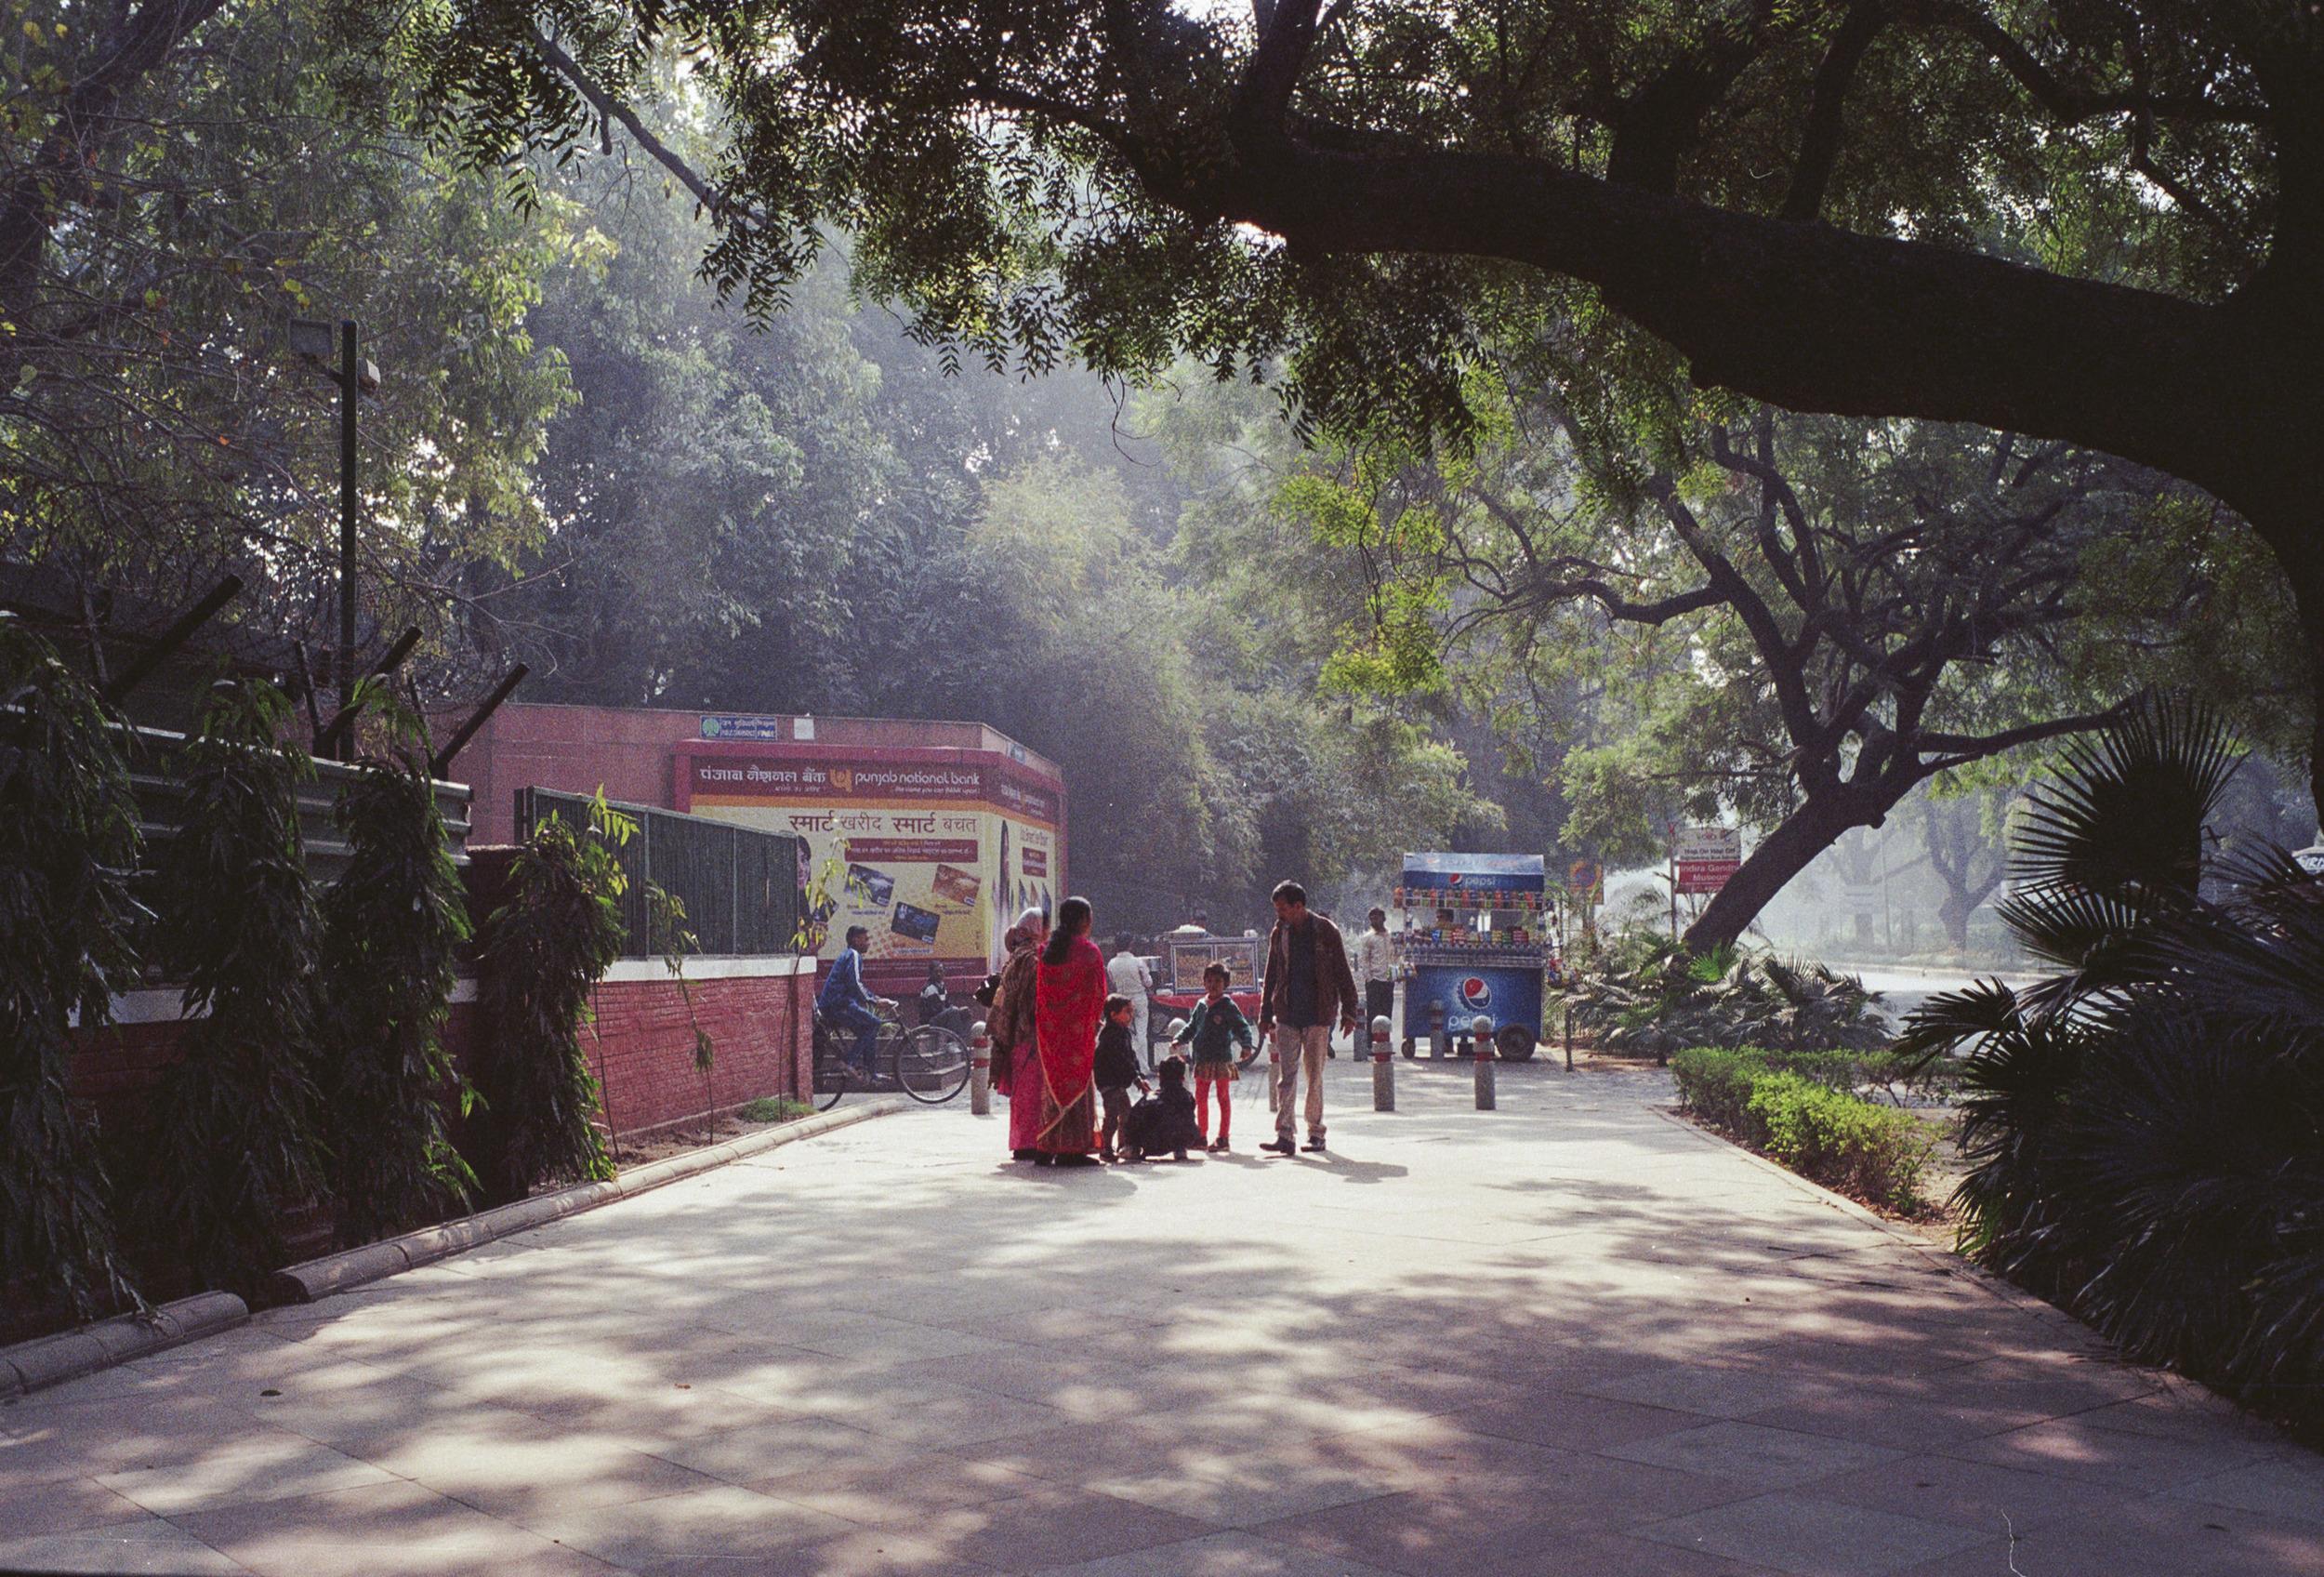 69-F15_Street, Indra Ghandi Memorial, Delhi, India 2016-68.jpg